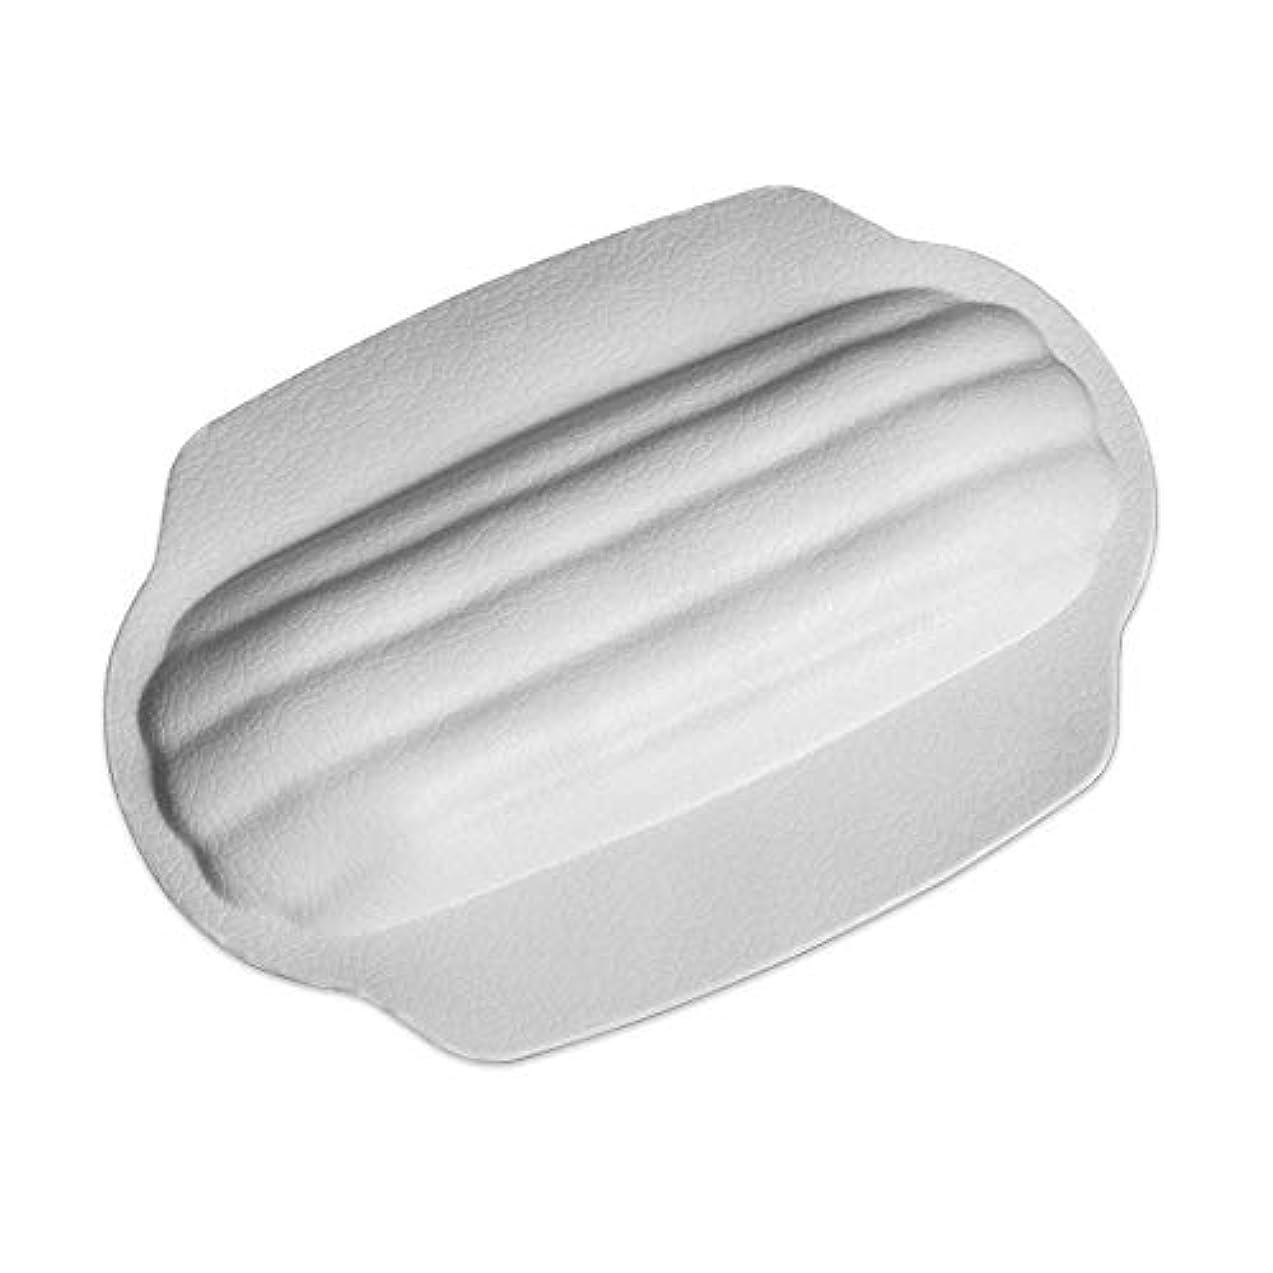 最適不安定移行するサクションカップ付き防水滑り止めスパ枕厚めユニバーサルバスタブ枕バスタブと抗菌性